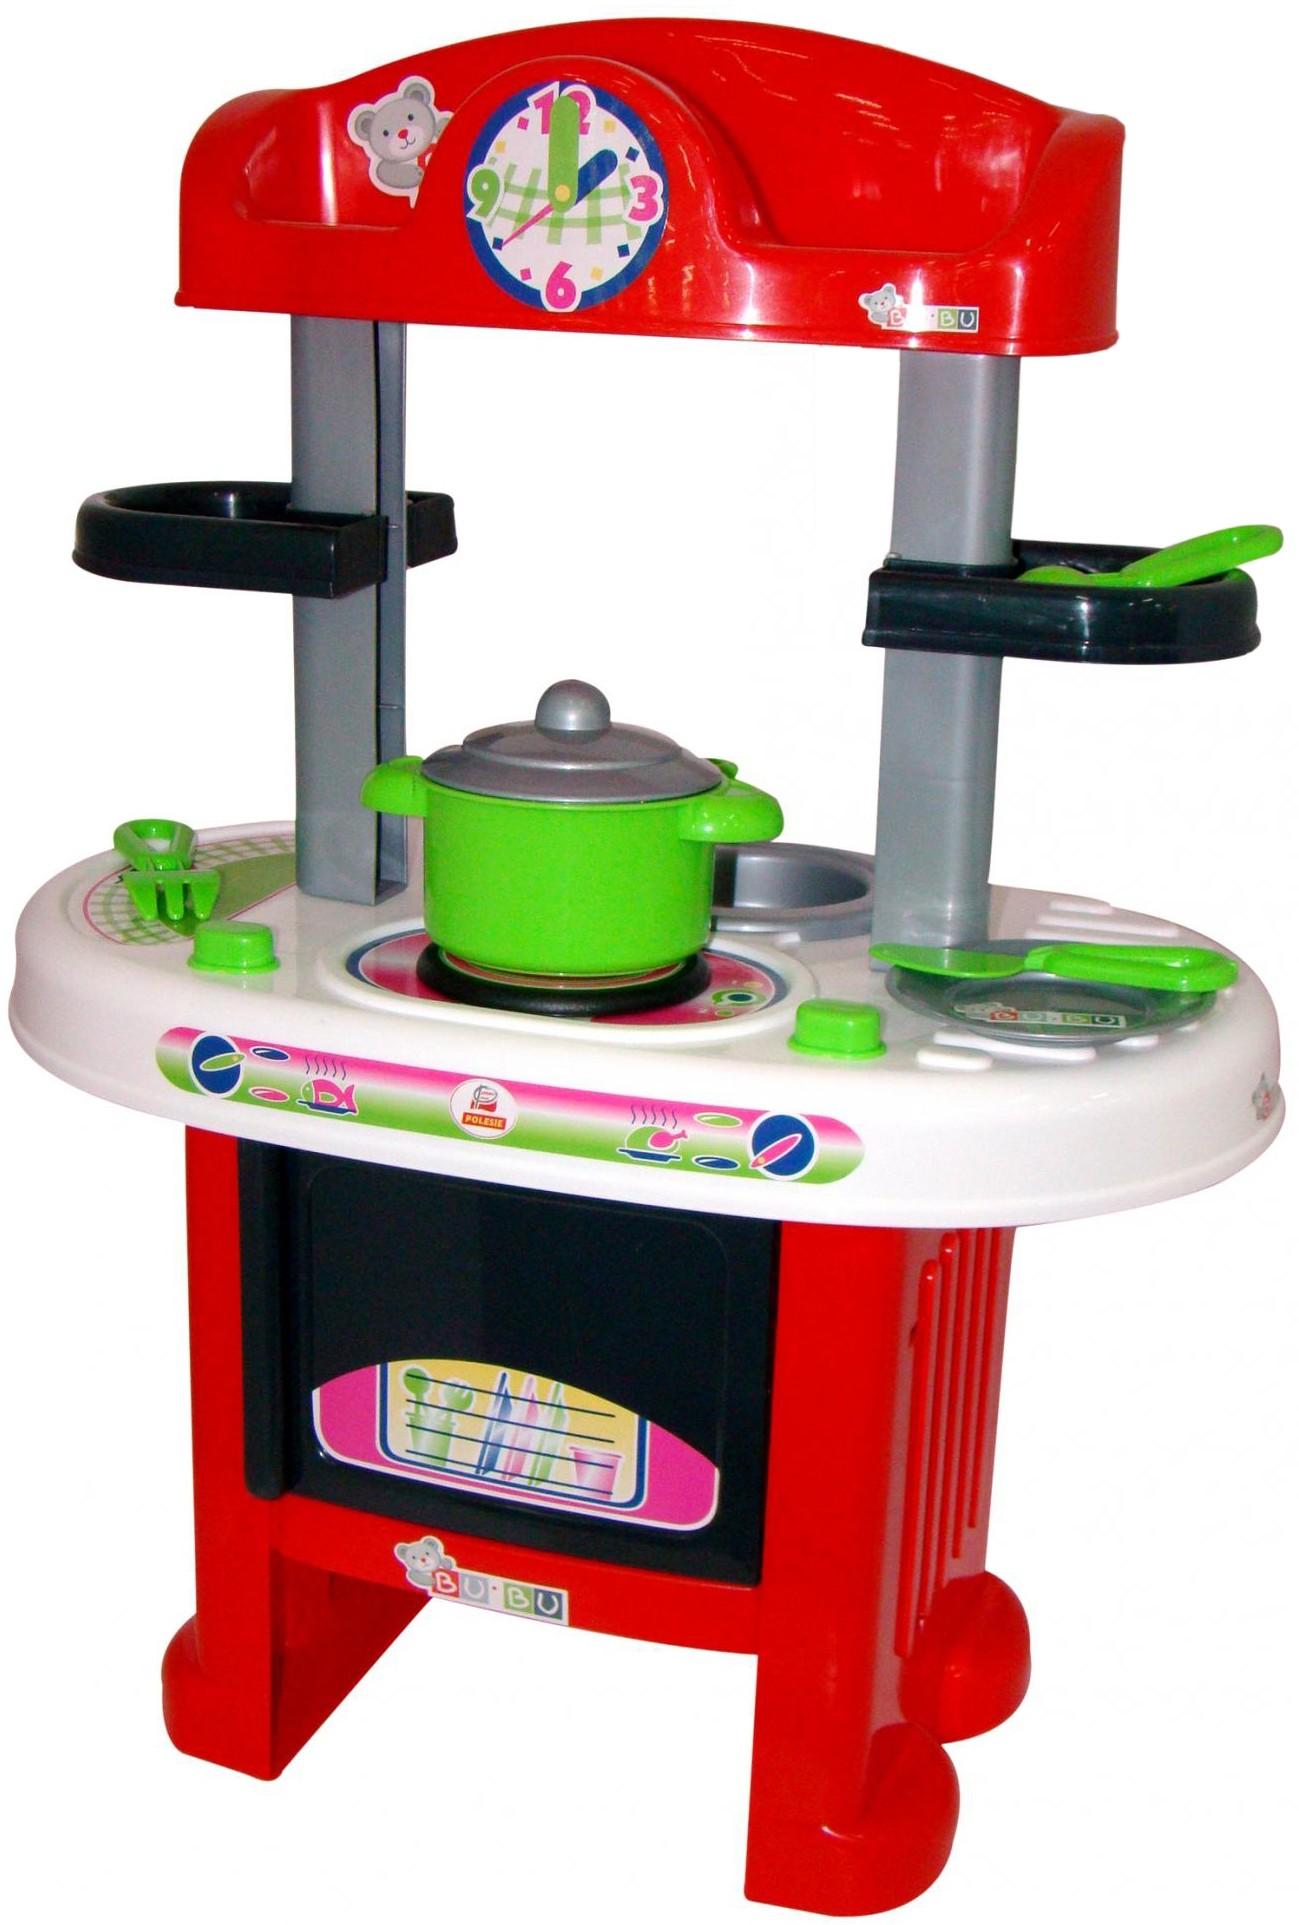 Кухня игрушечная Полесье BU-BU №9 игра полесье кухня bu bu 5 44891